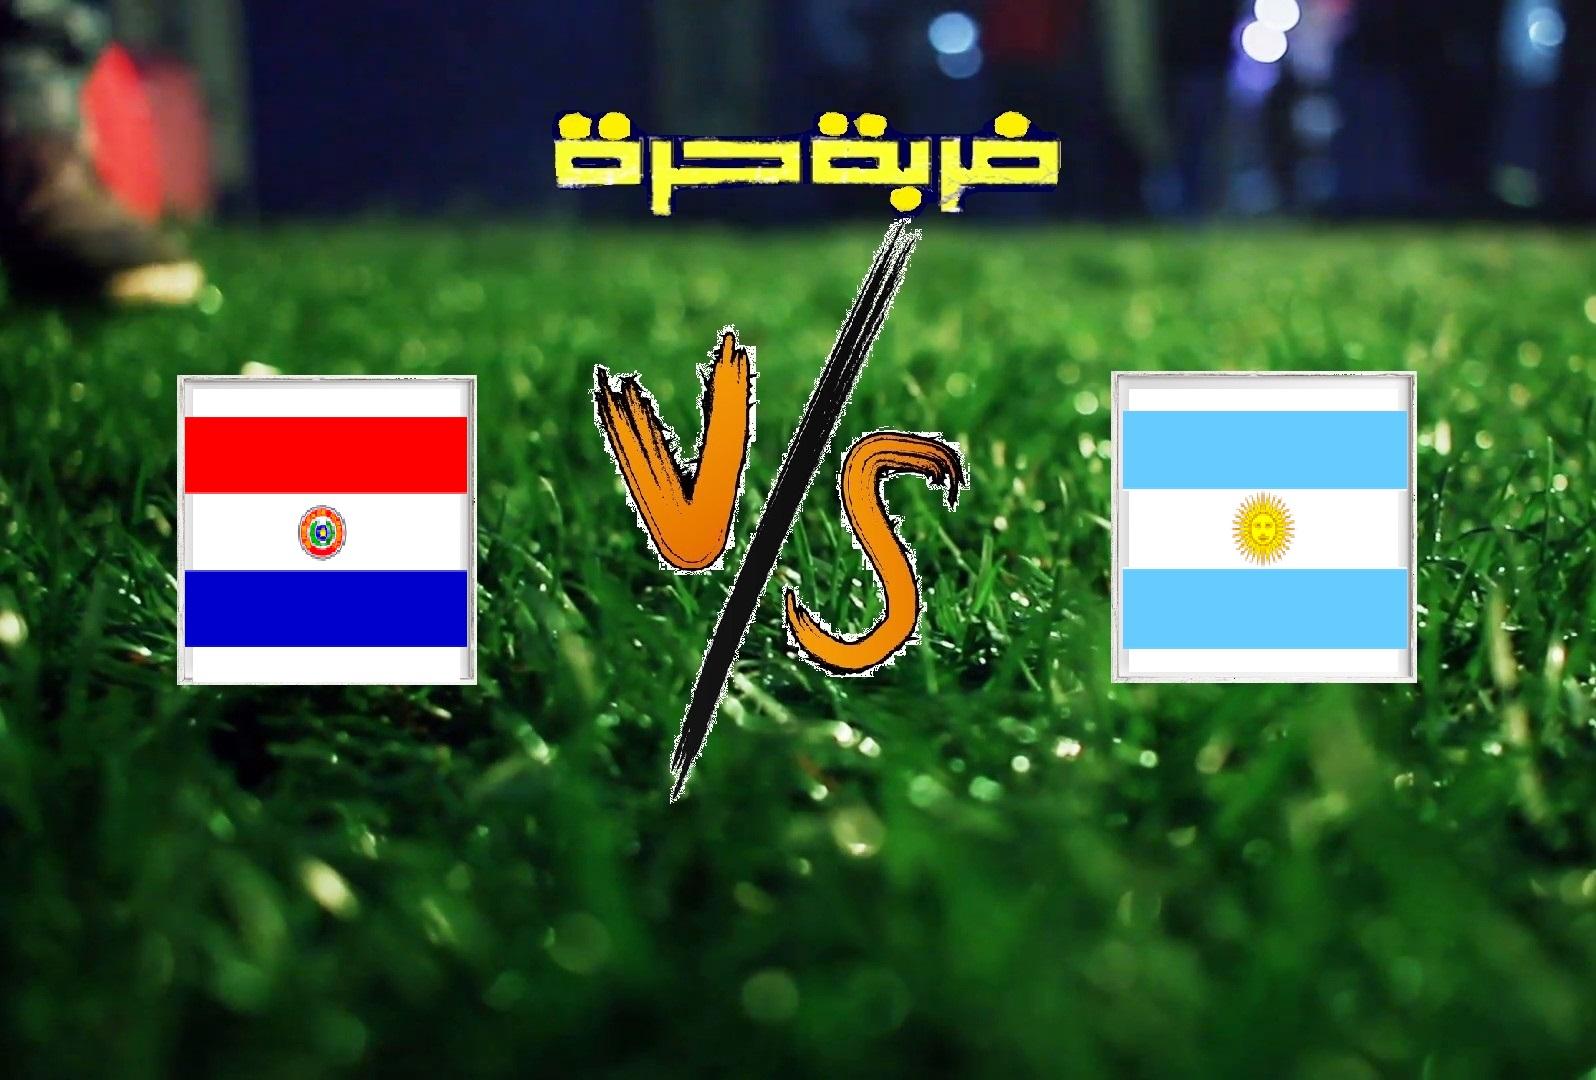 نتيجة مباراة الارجنتين وباراجواي اليوم الخميس بتاريخ 20-06-2019 كوبا أمريكا 2019